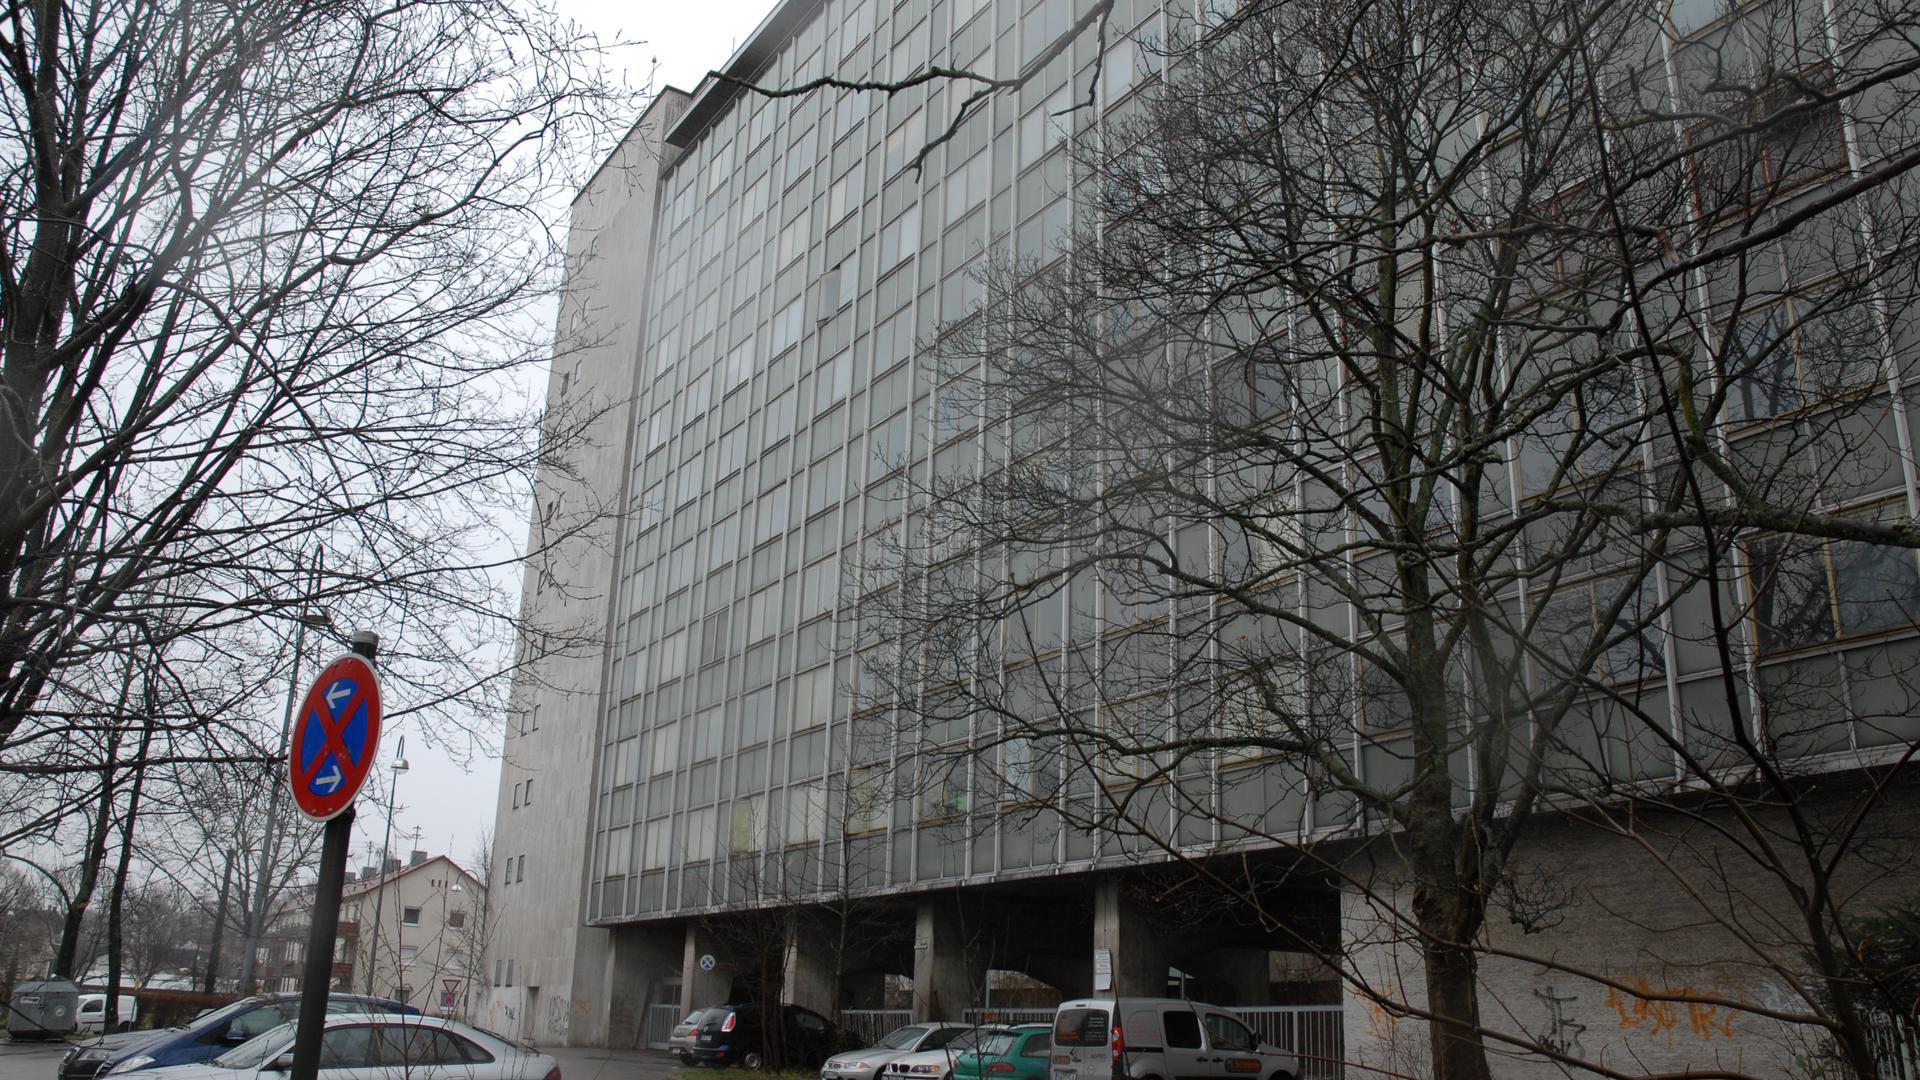 Das Babo-Hochhaus liegt am Charles-de-Gaulle-Platz in Baden-Oos. Es war früher Hauptquartier der französischen Streitkräfte